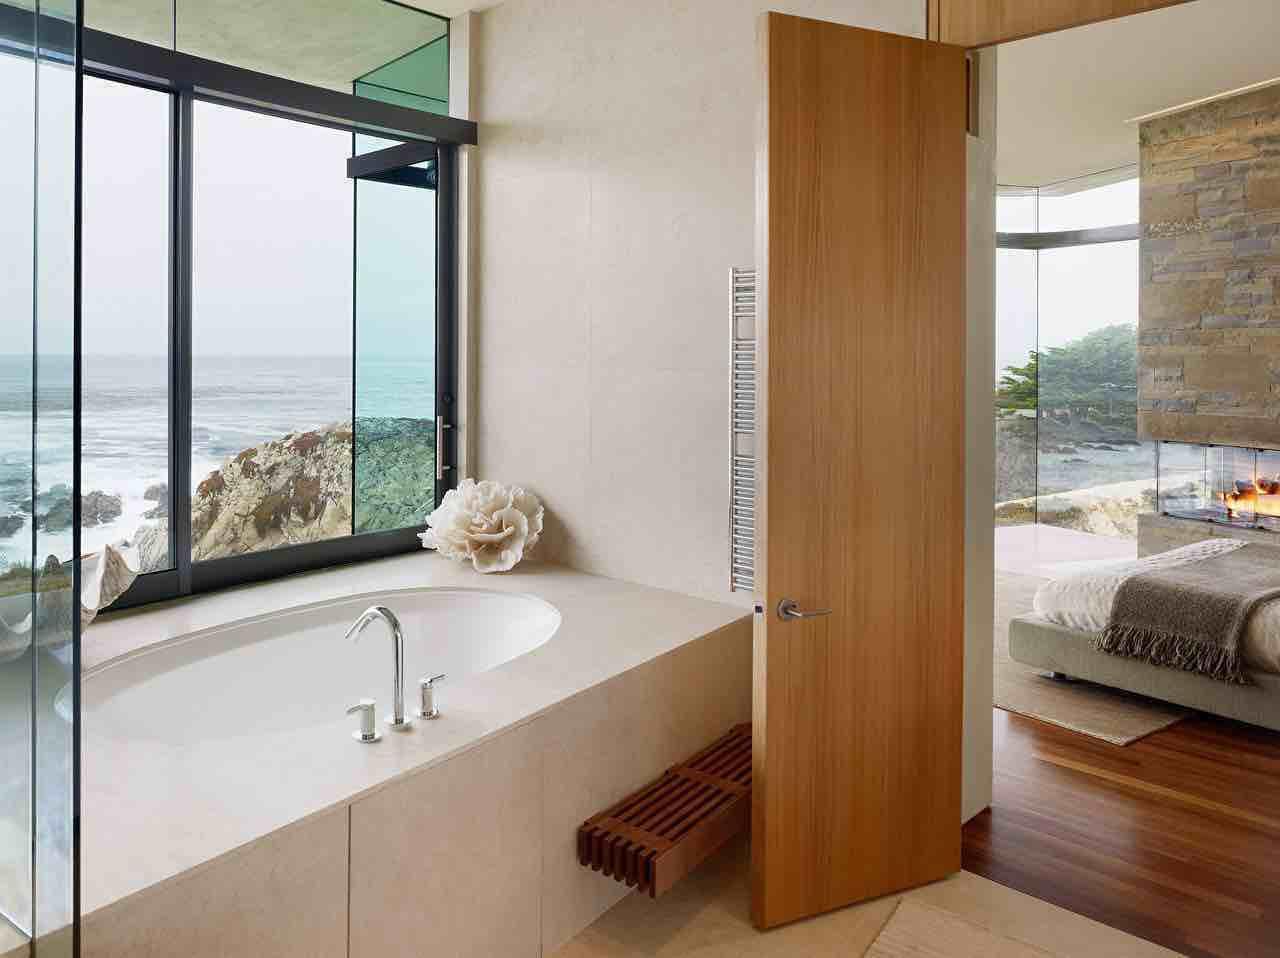 Otter-Cove-Residence-13